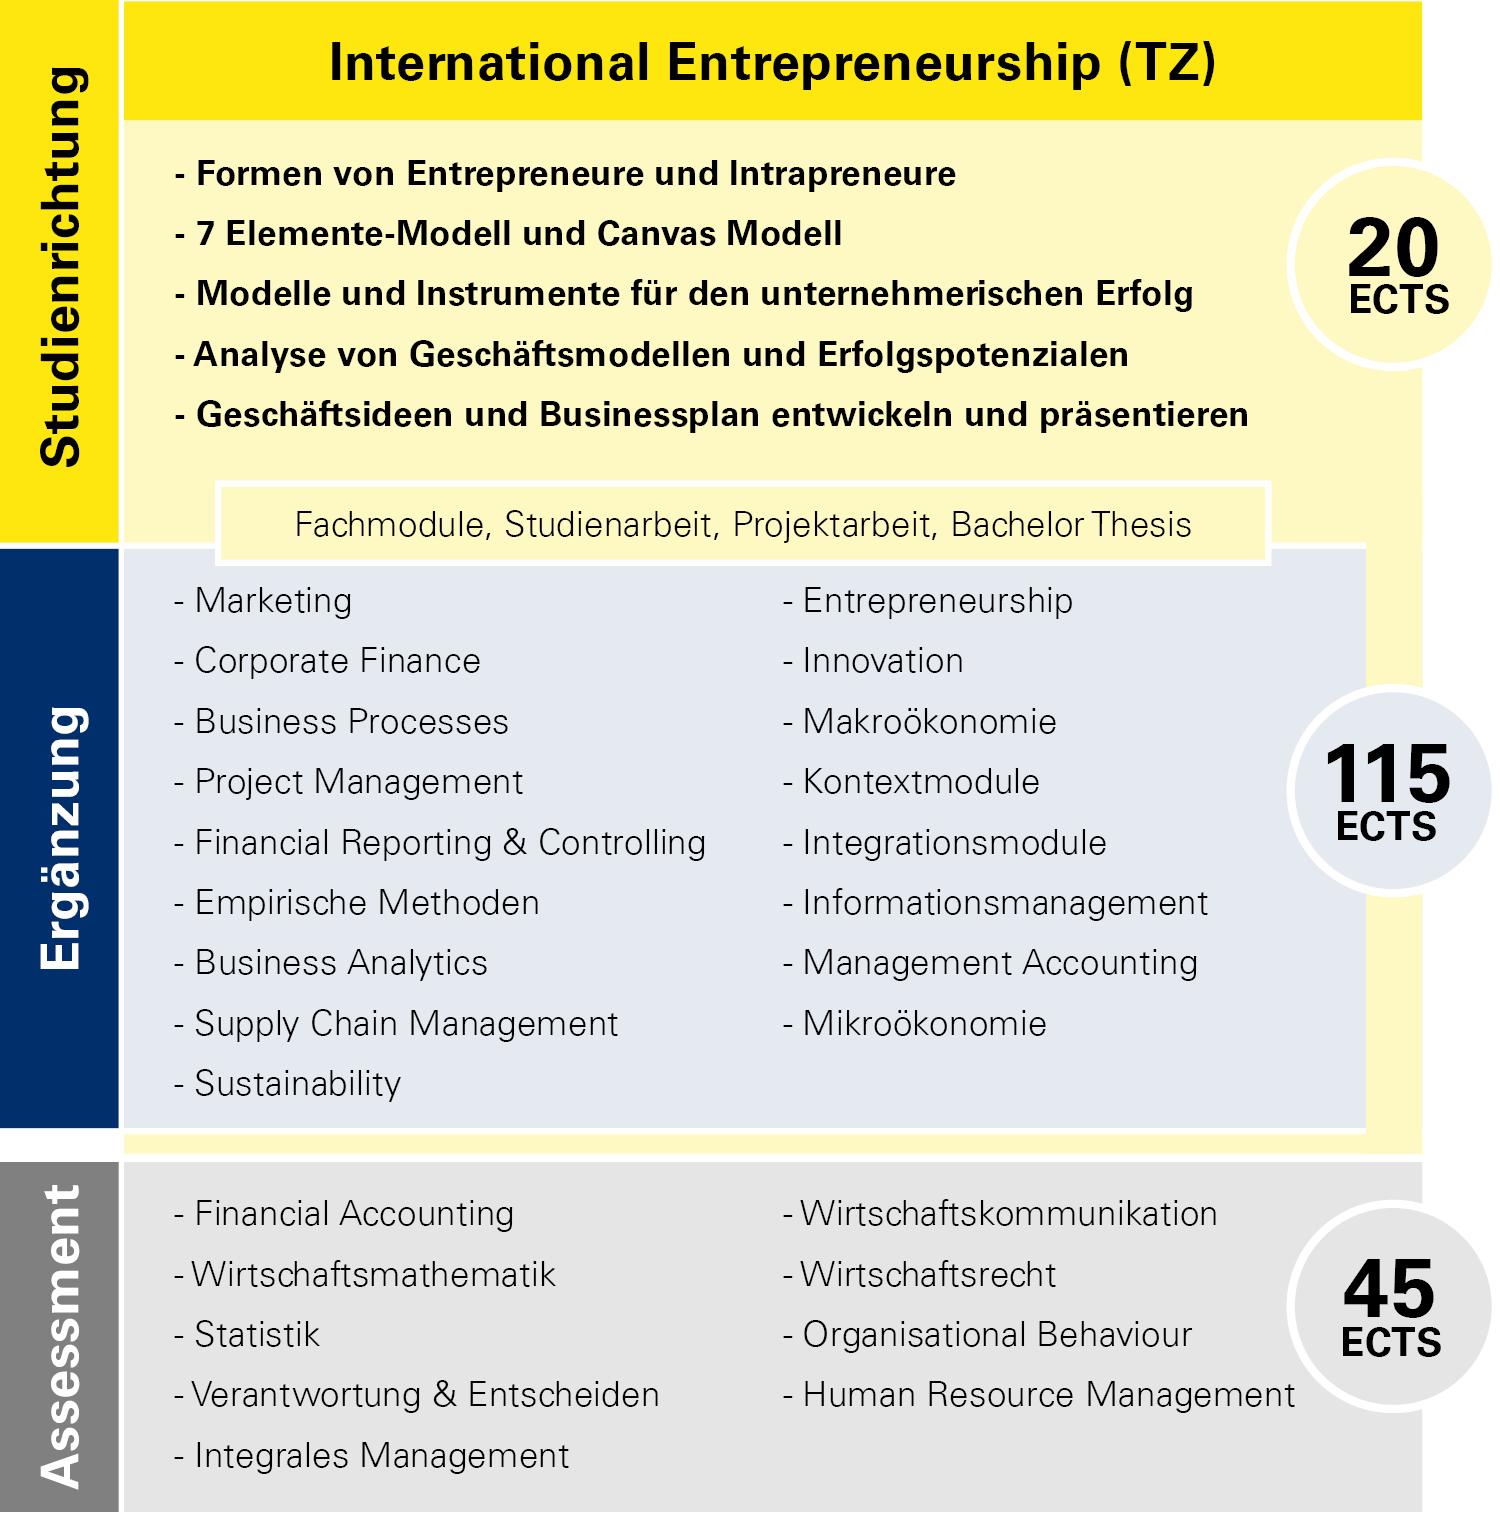 Modulübersicht International Entrepreneurship Teilzeit